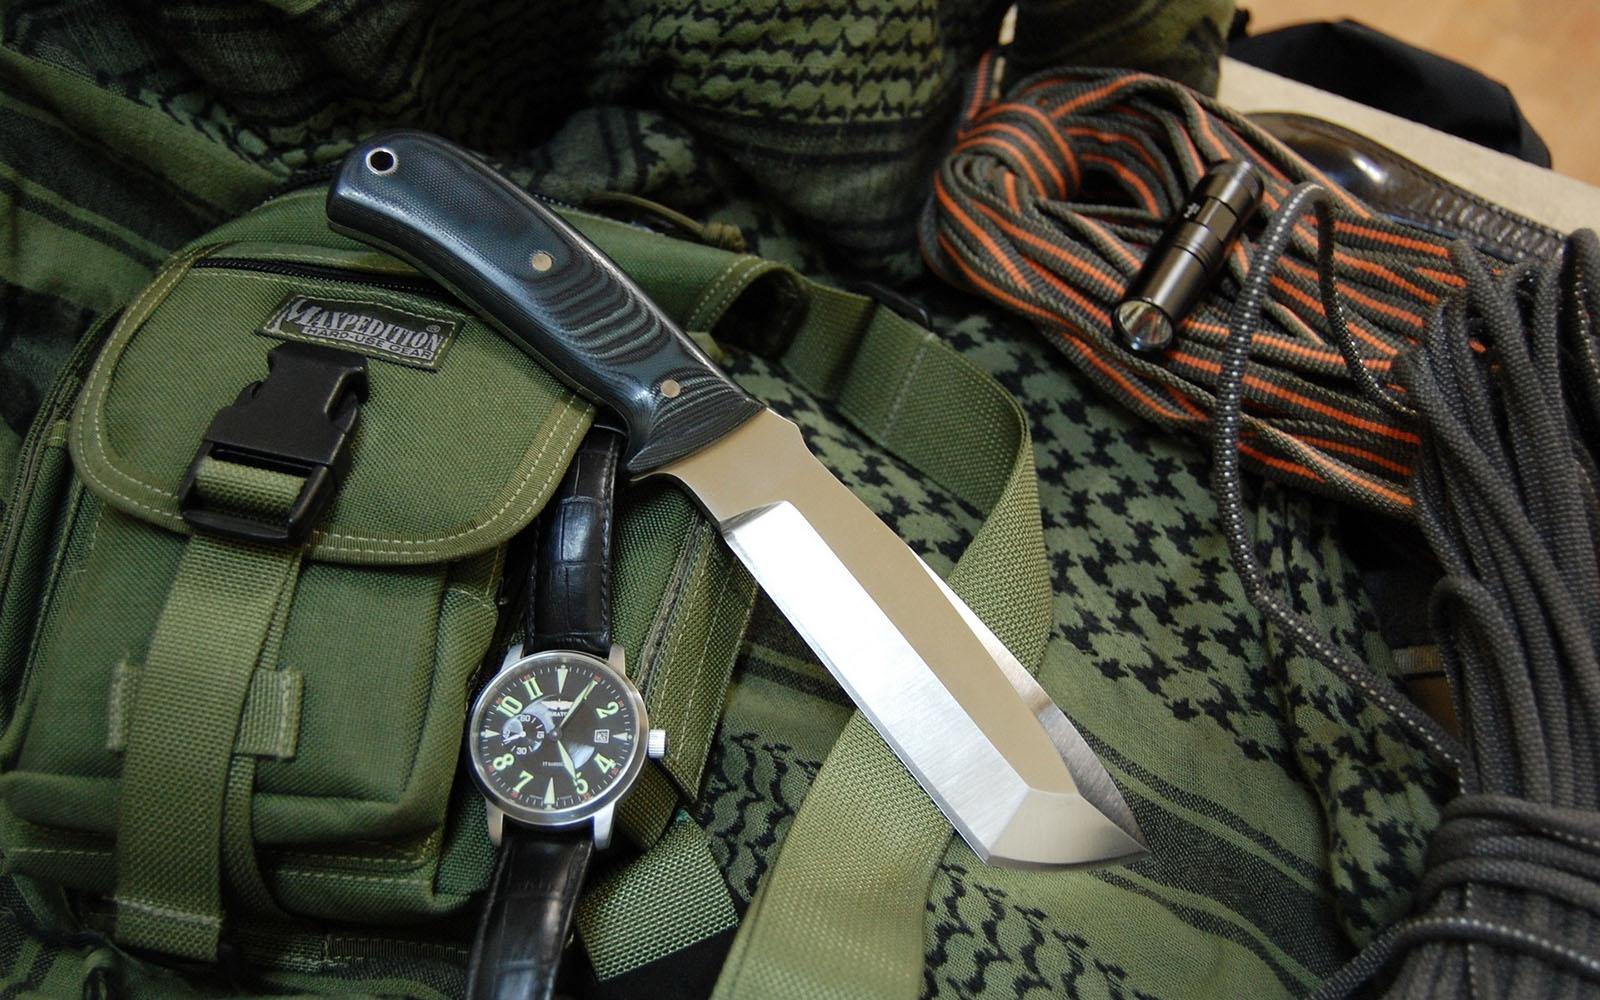 equipaggiamento militare e softair armastore